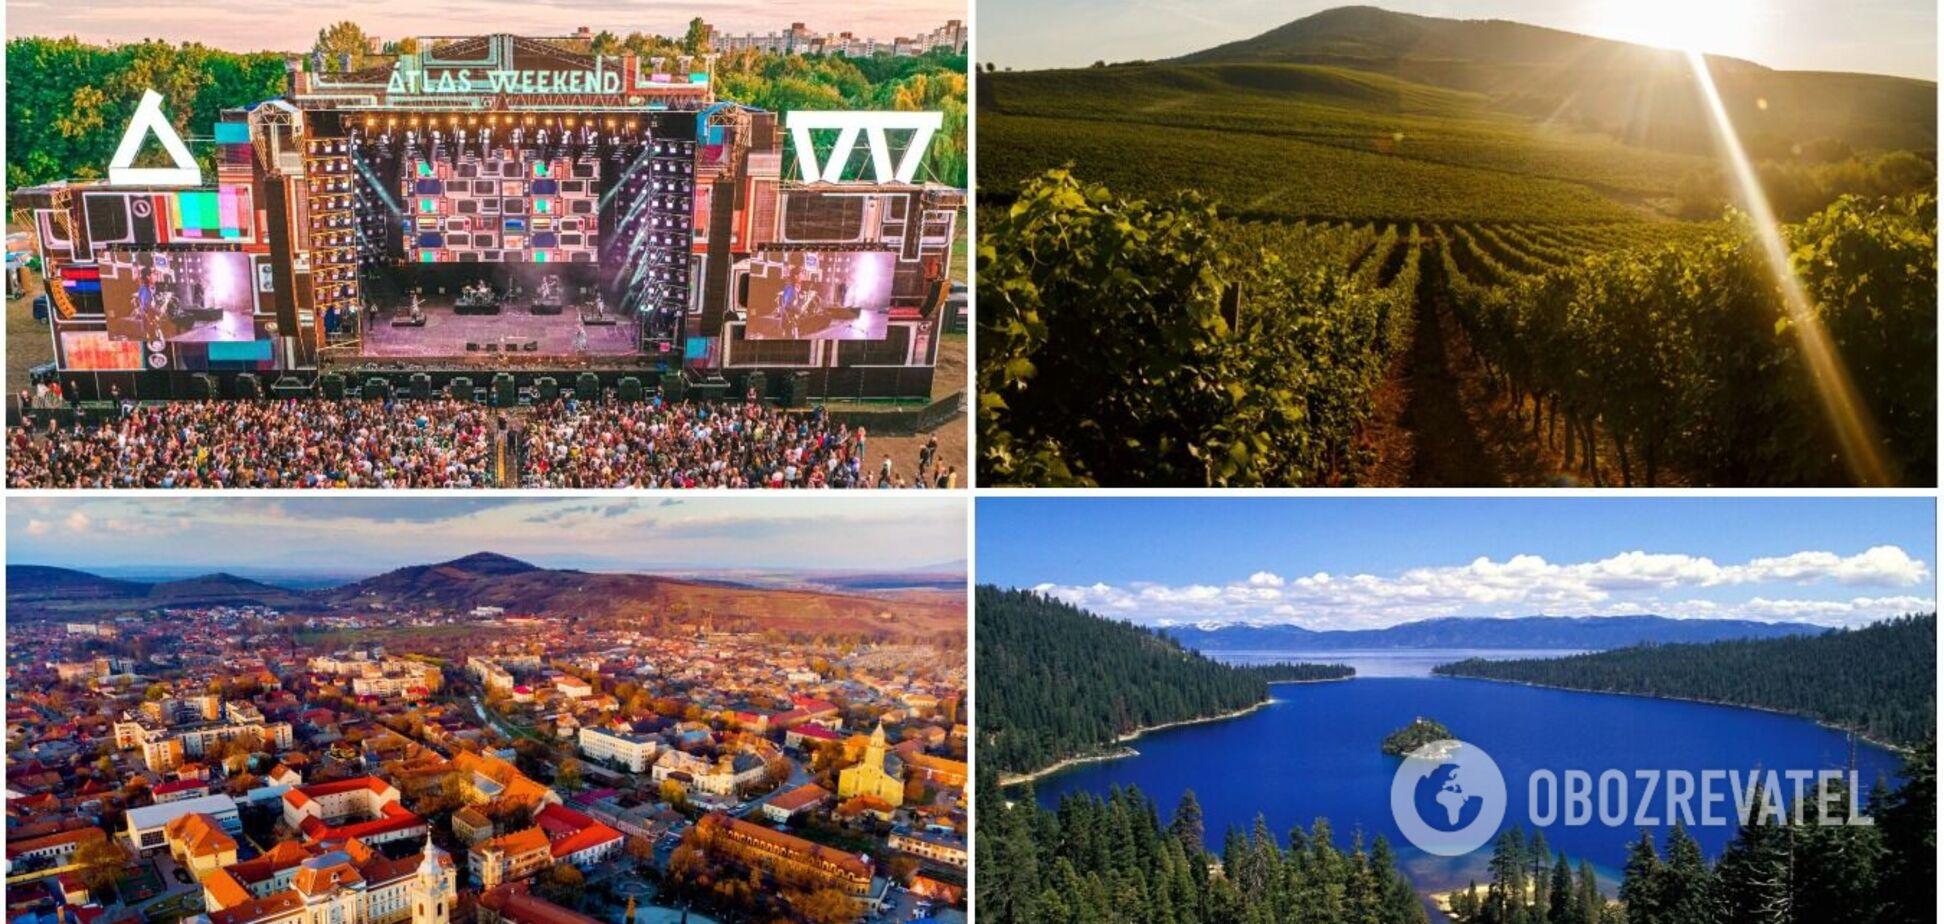 10 найкращих місць для незабутнього відпочинку в липні в Україні. Фото